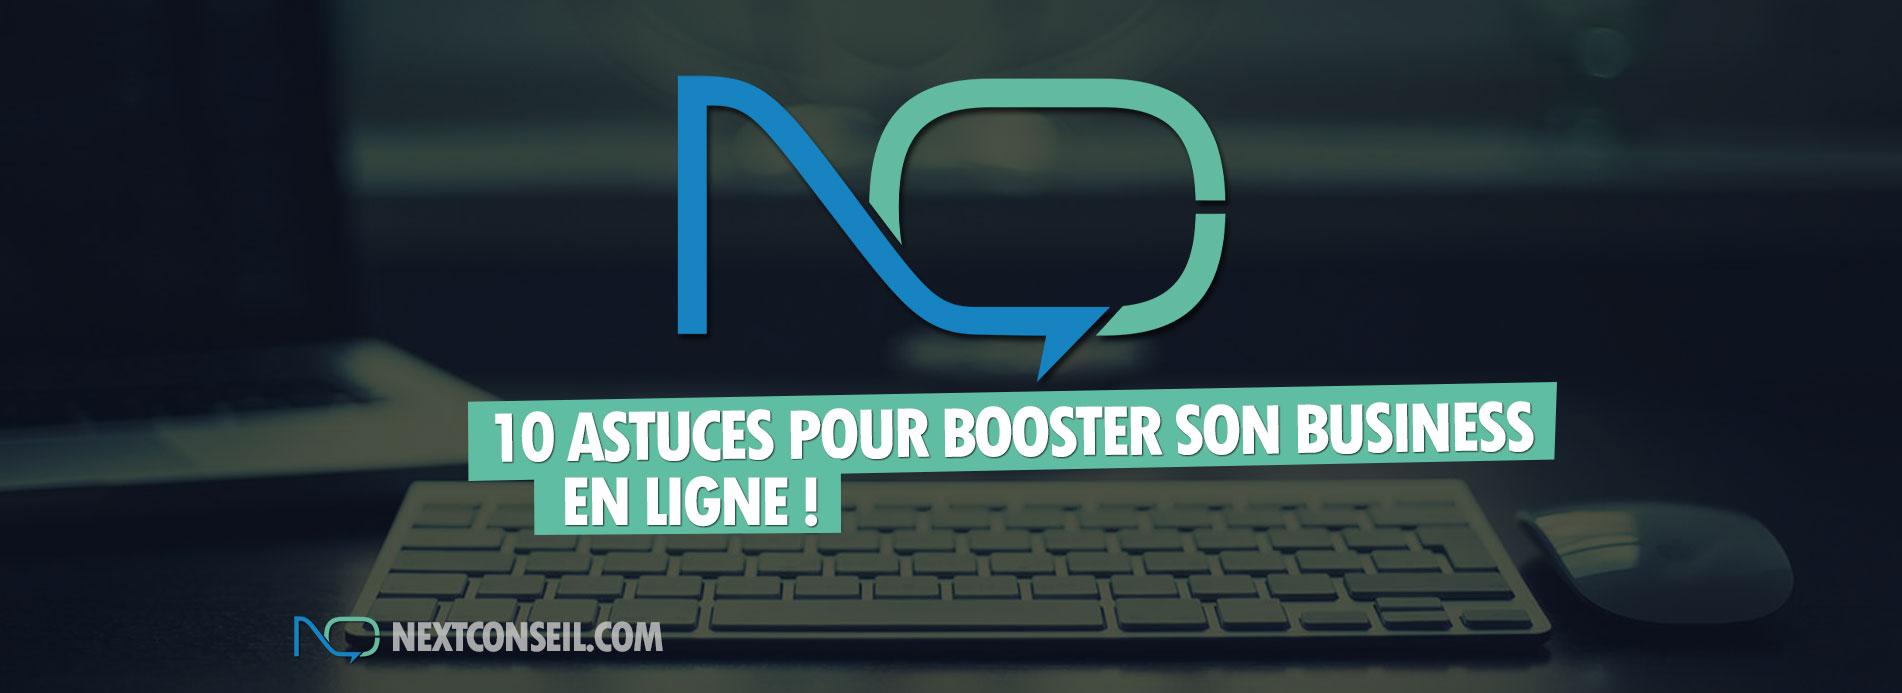 10 astuces pour booster son business en ligne !